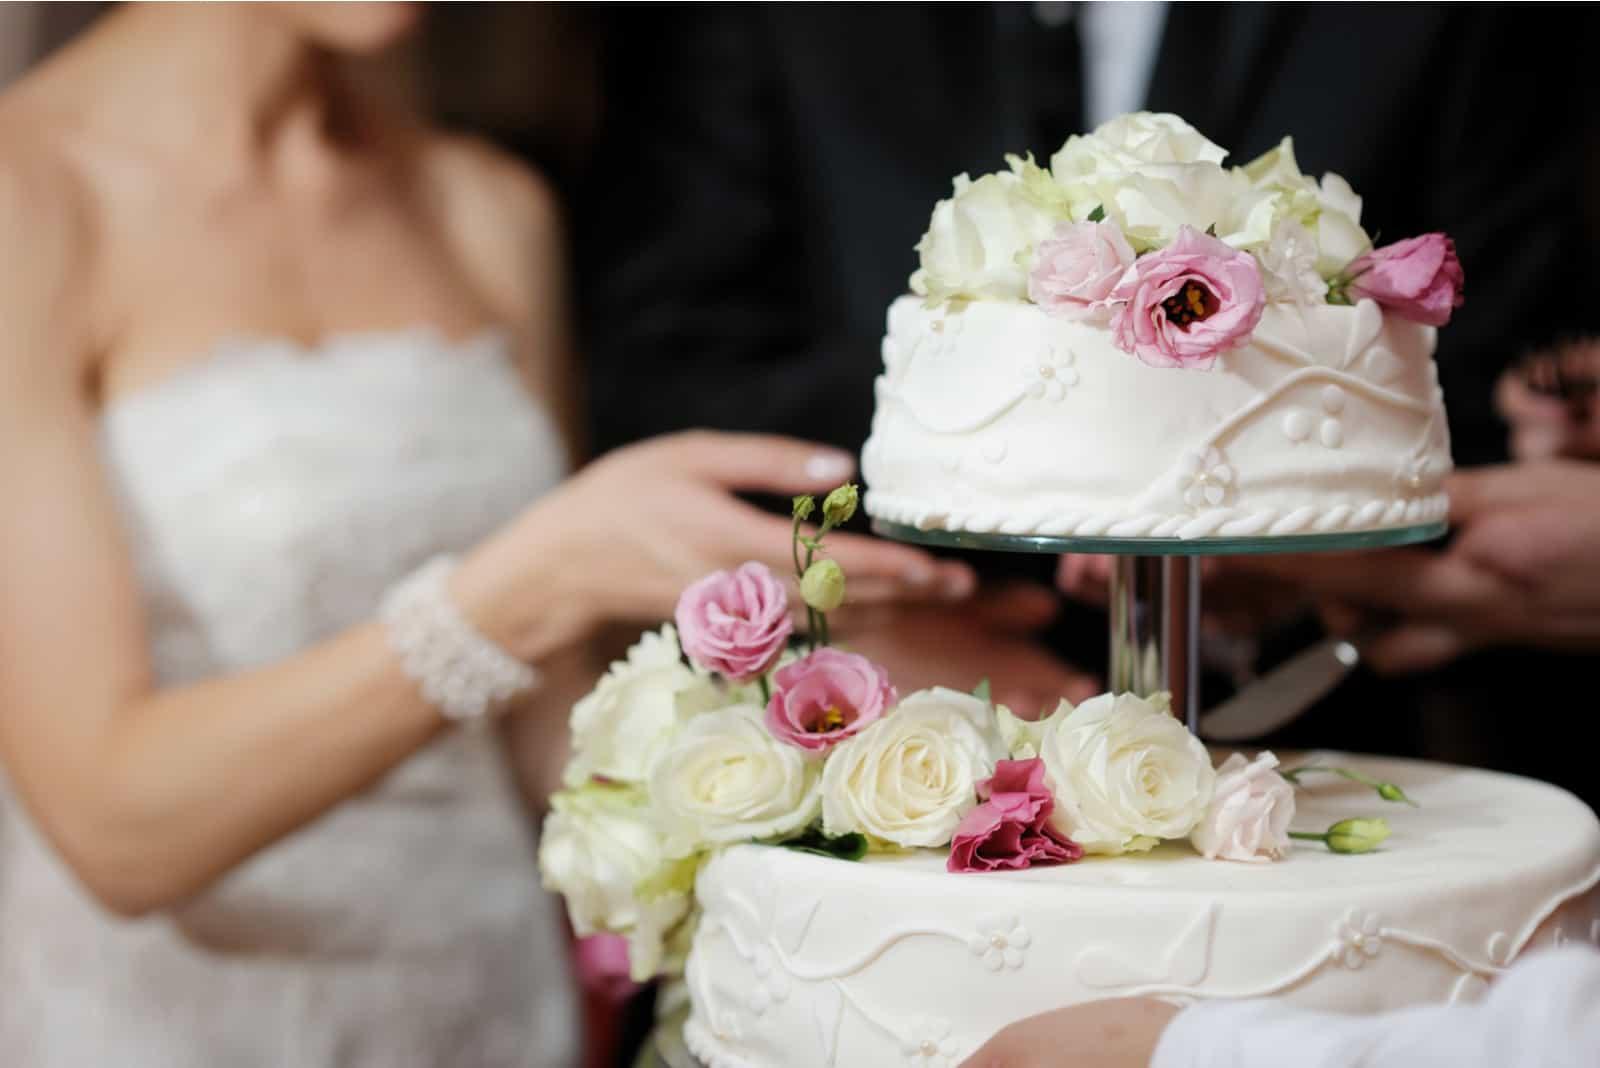 Eine Braut und ein Bräutigam schneiden ihre Hochzeitstorte